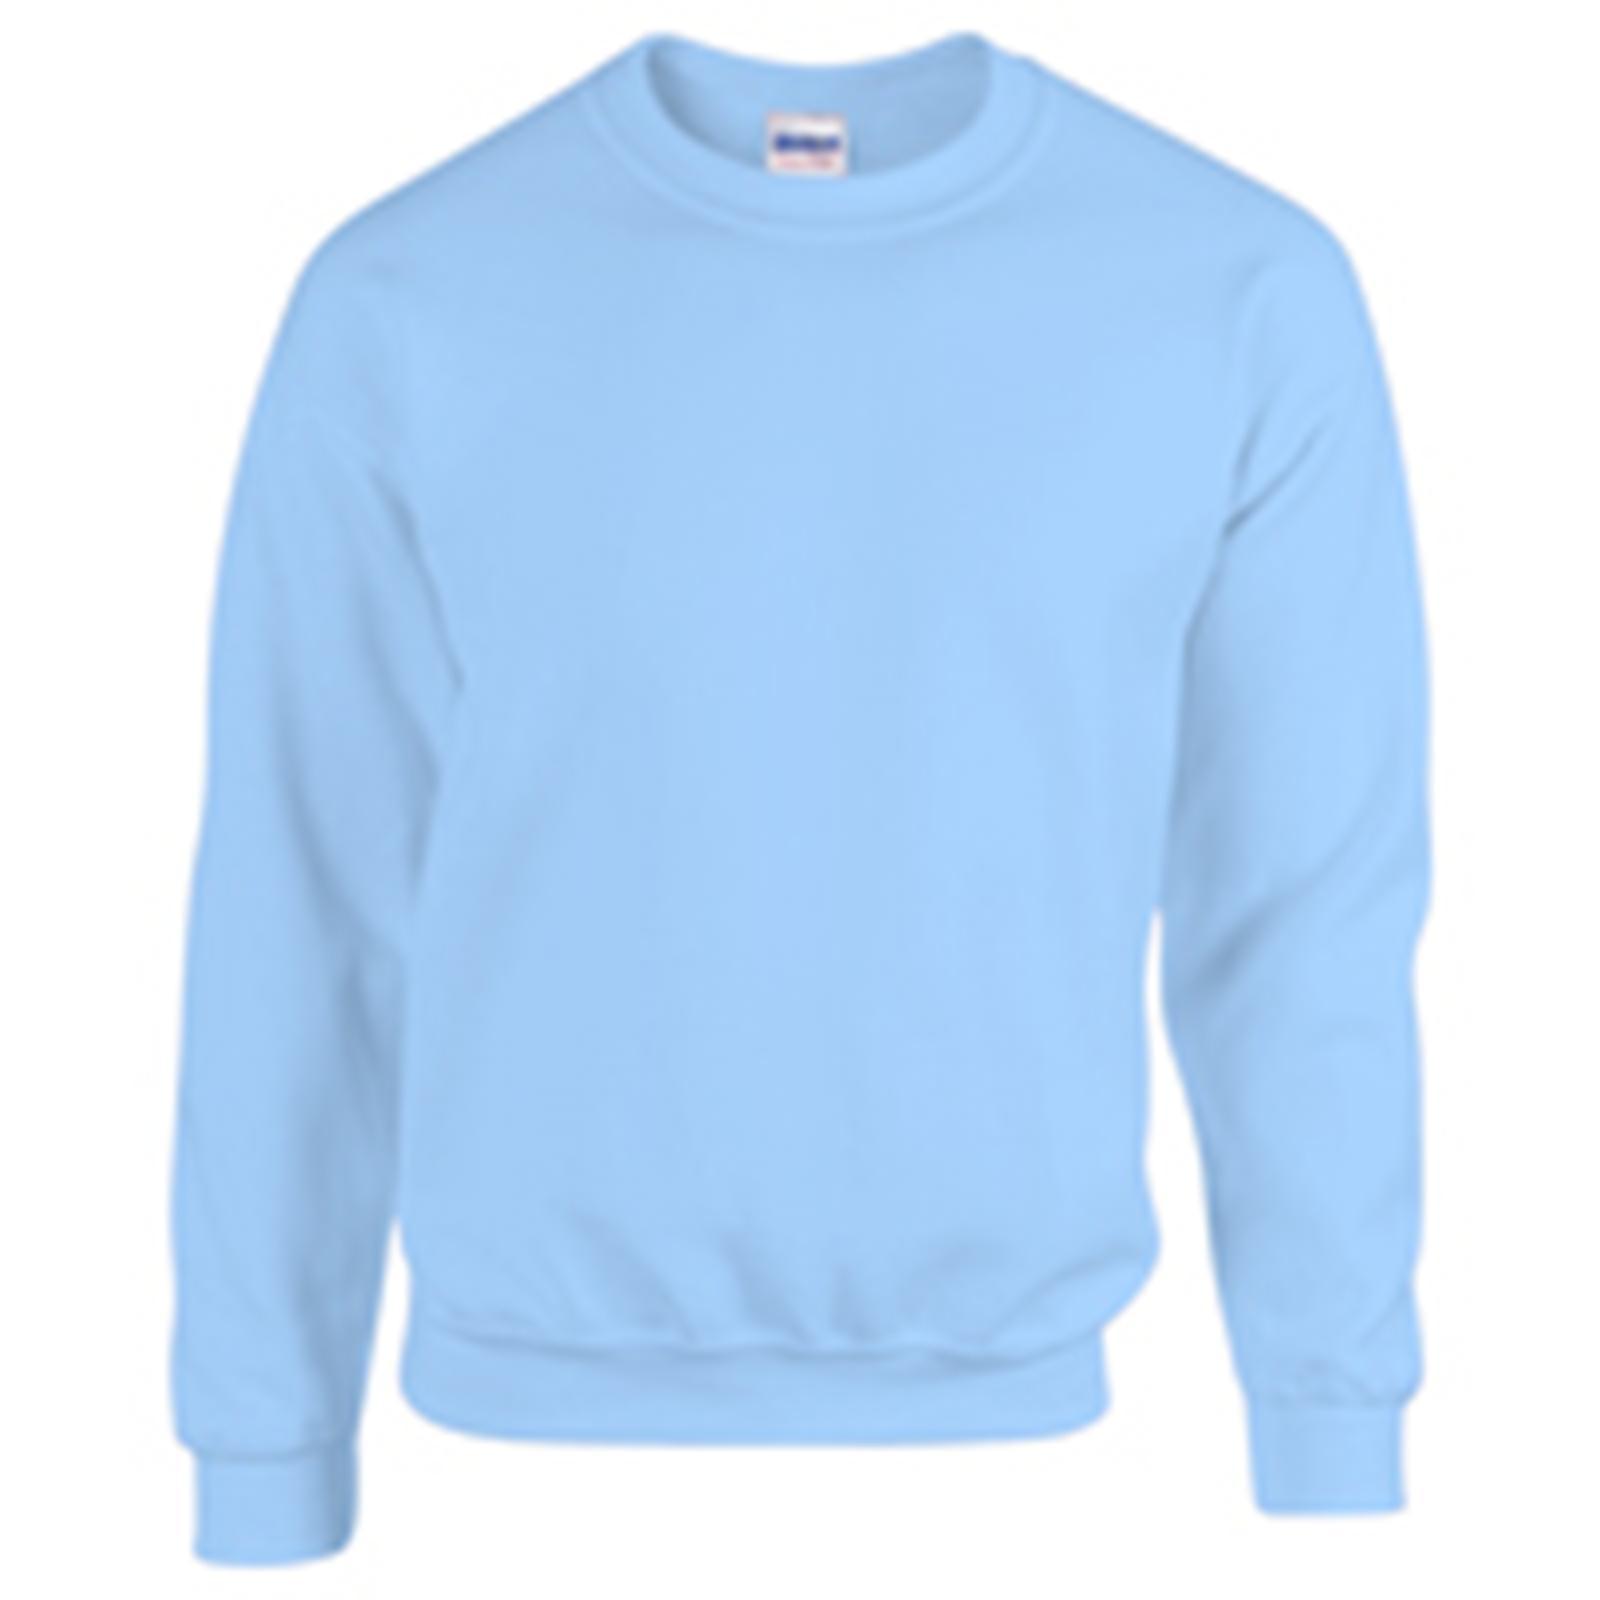 14ed538ee124 New GILDAN Unisex Adults Heavy Blend Crew Neck Sweatshirt in 30 ...